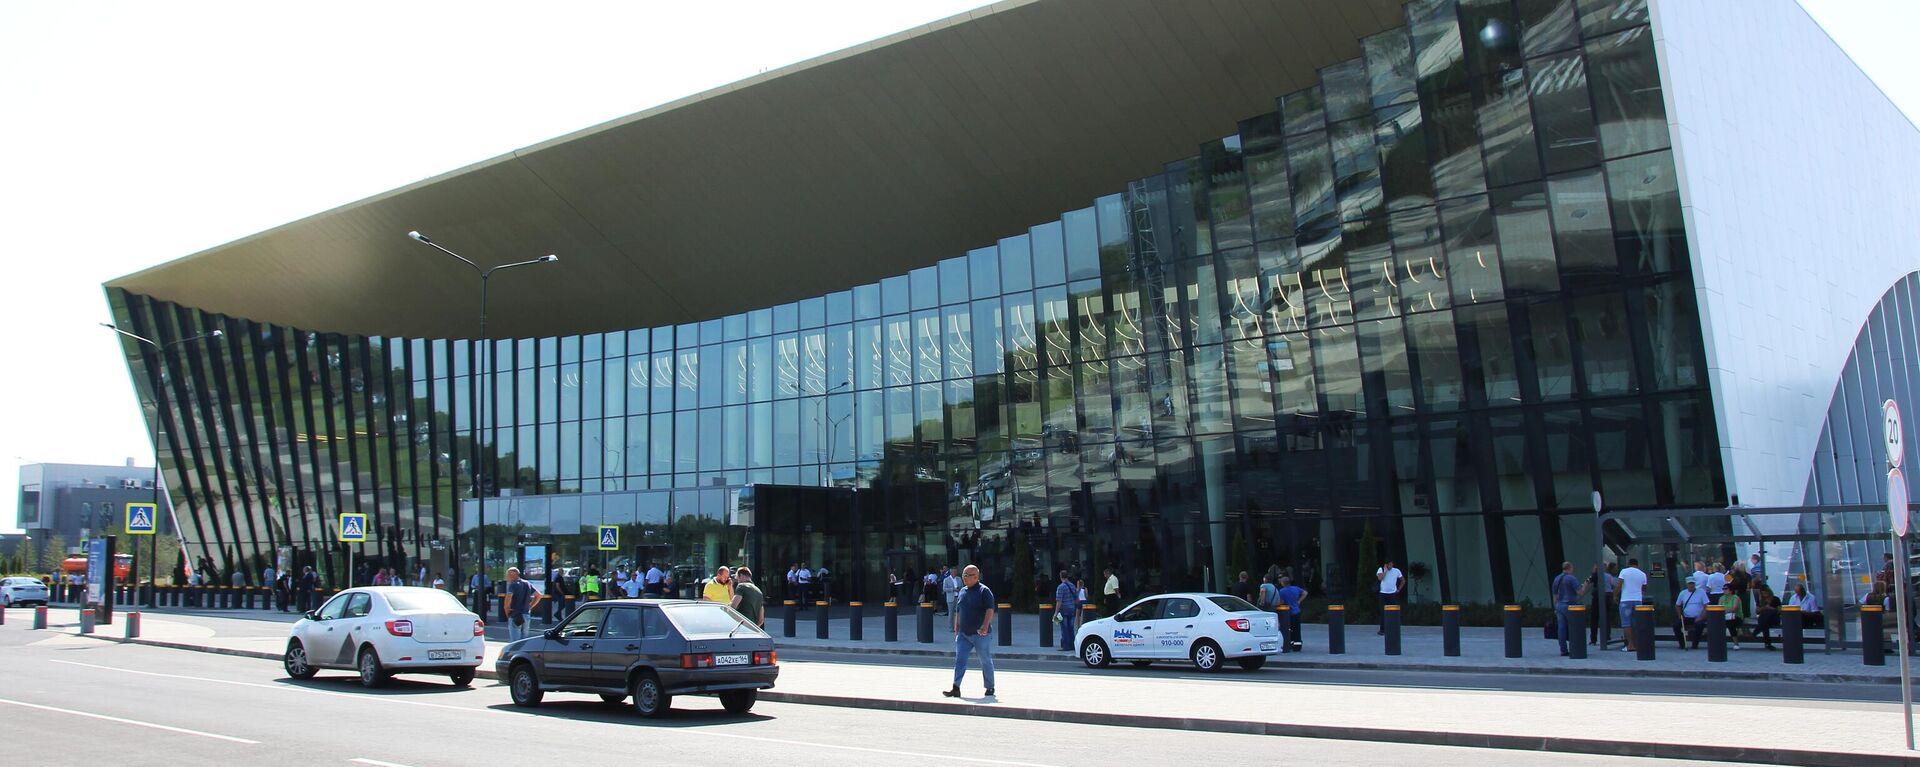 Здание международного аэропорта Гагарин в Саратовской области - Sputnik Тоҷикистон, 1920, 25.05.2021